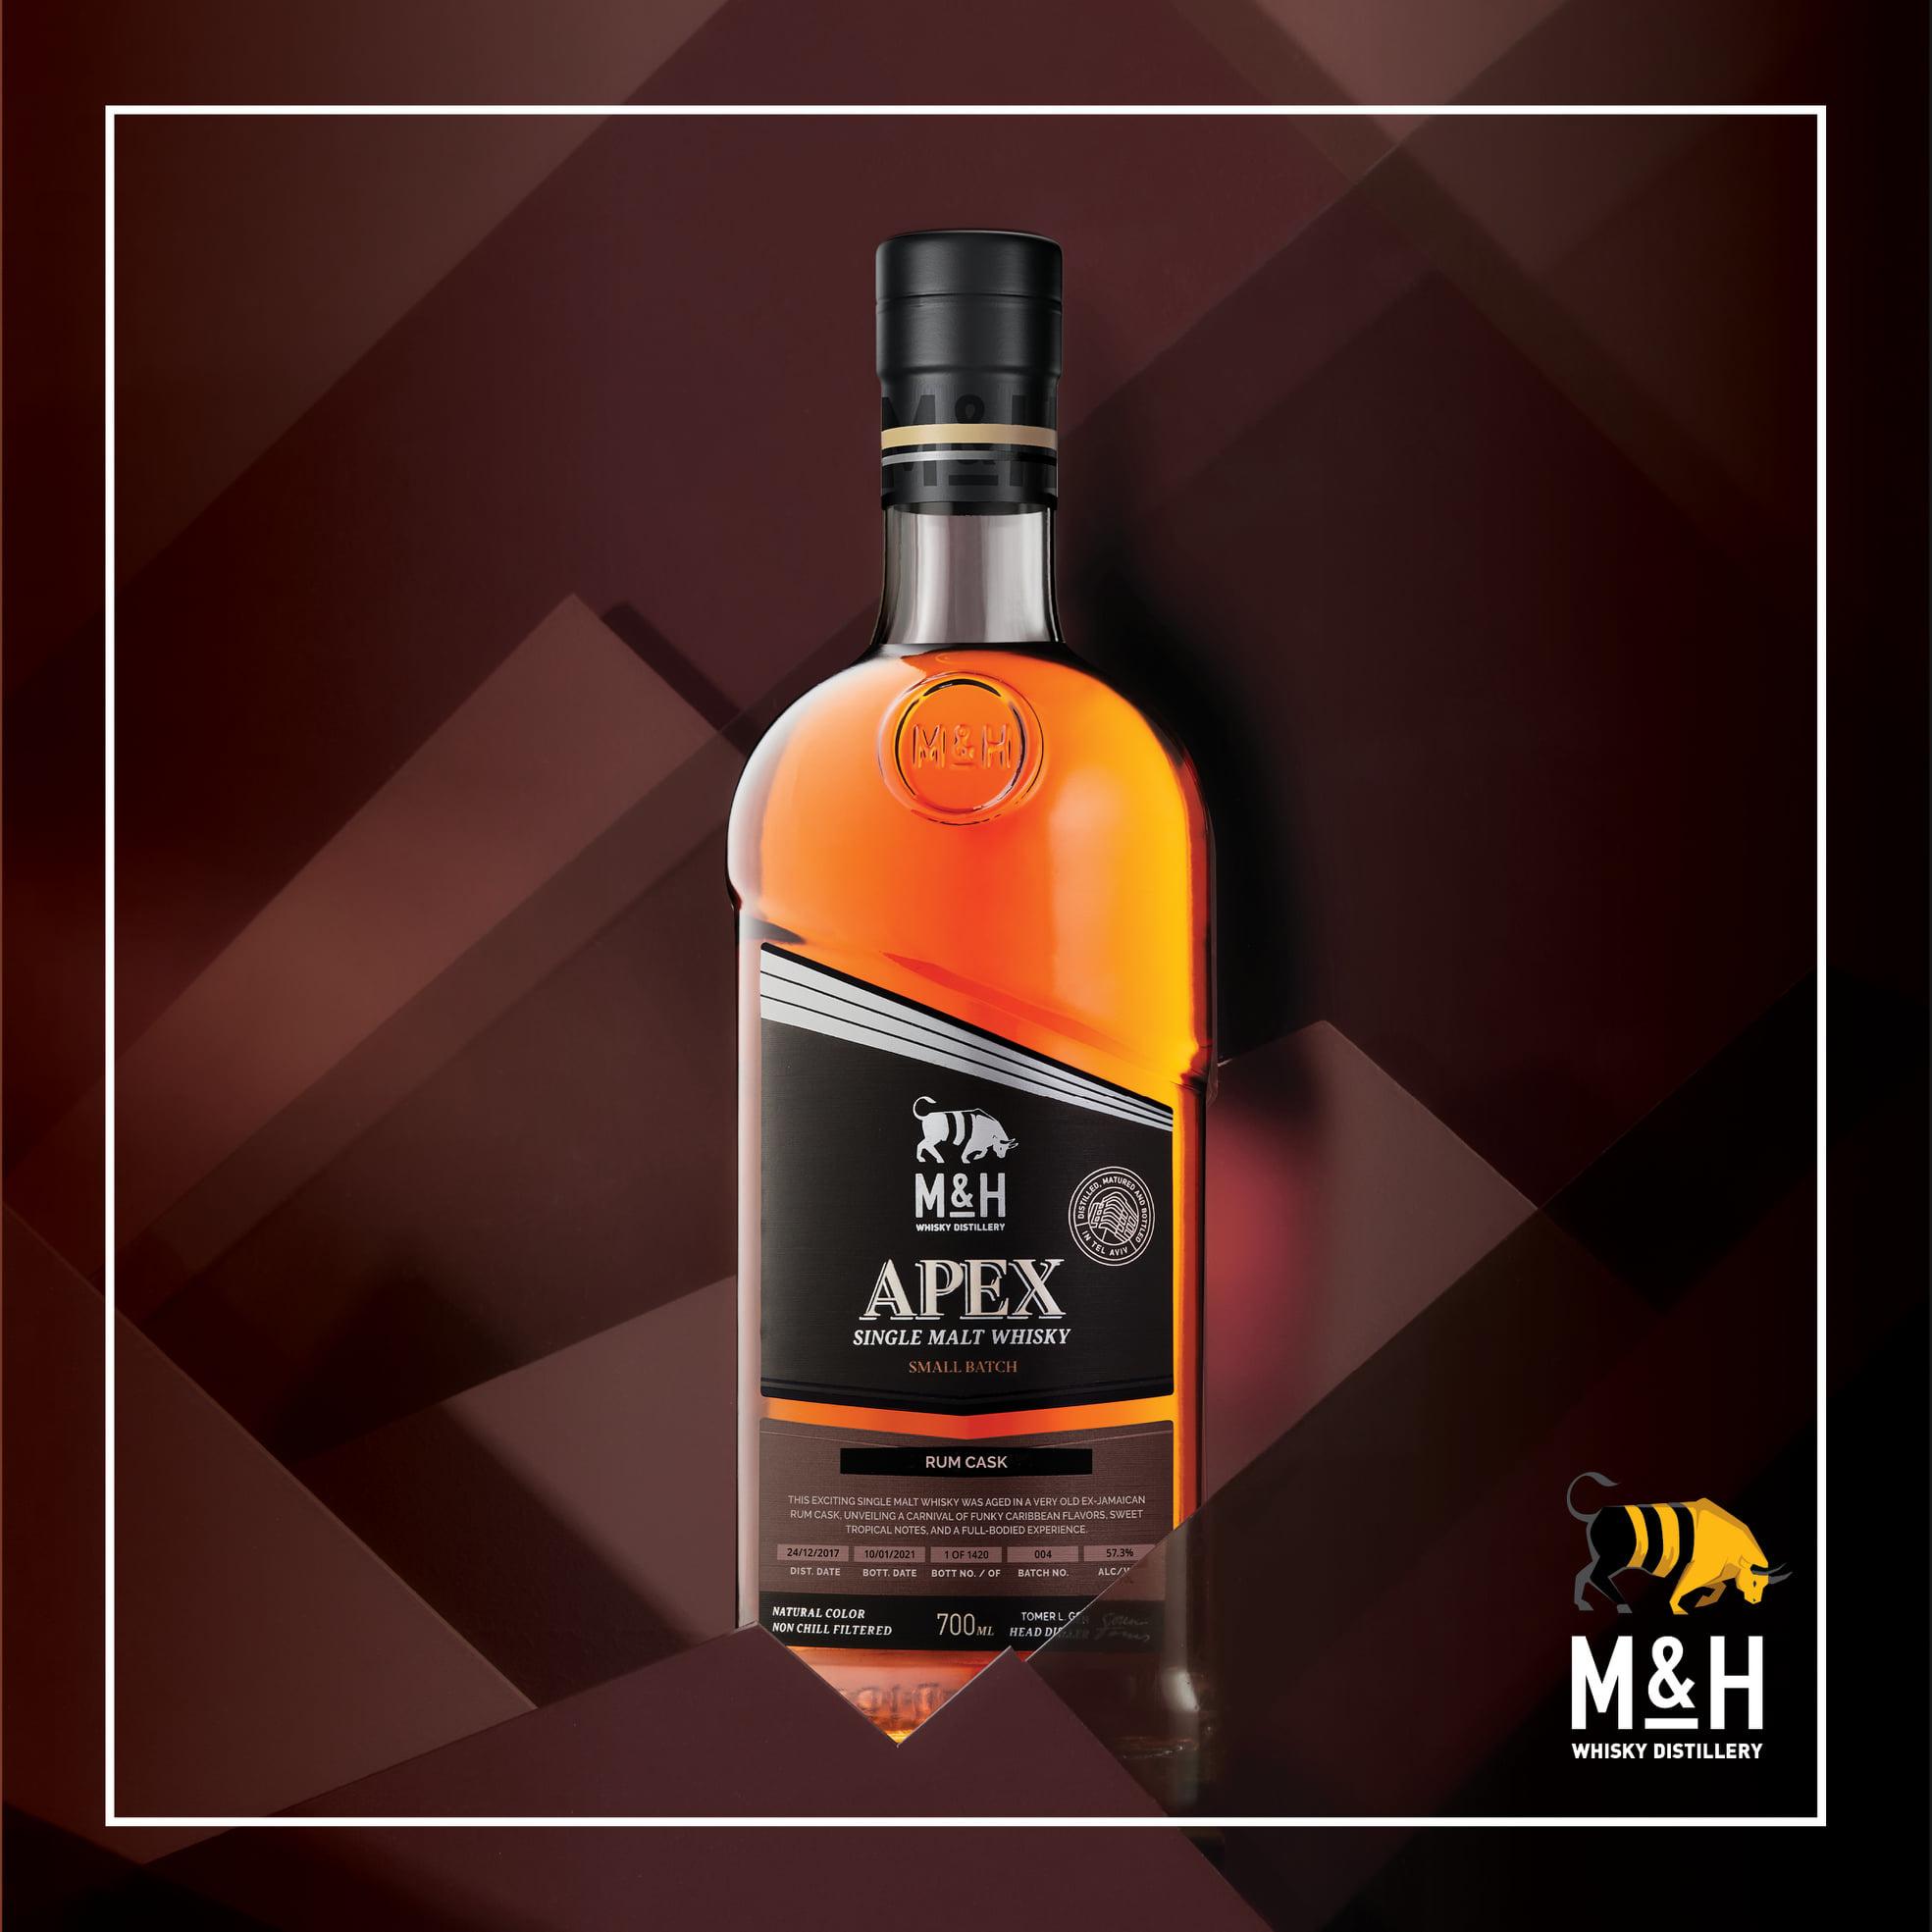 Die Apex Serie der Milk & Honey Distillery geht in die vierte Runde